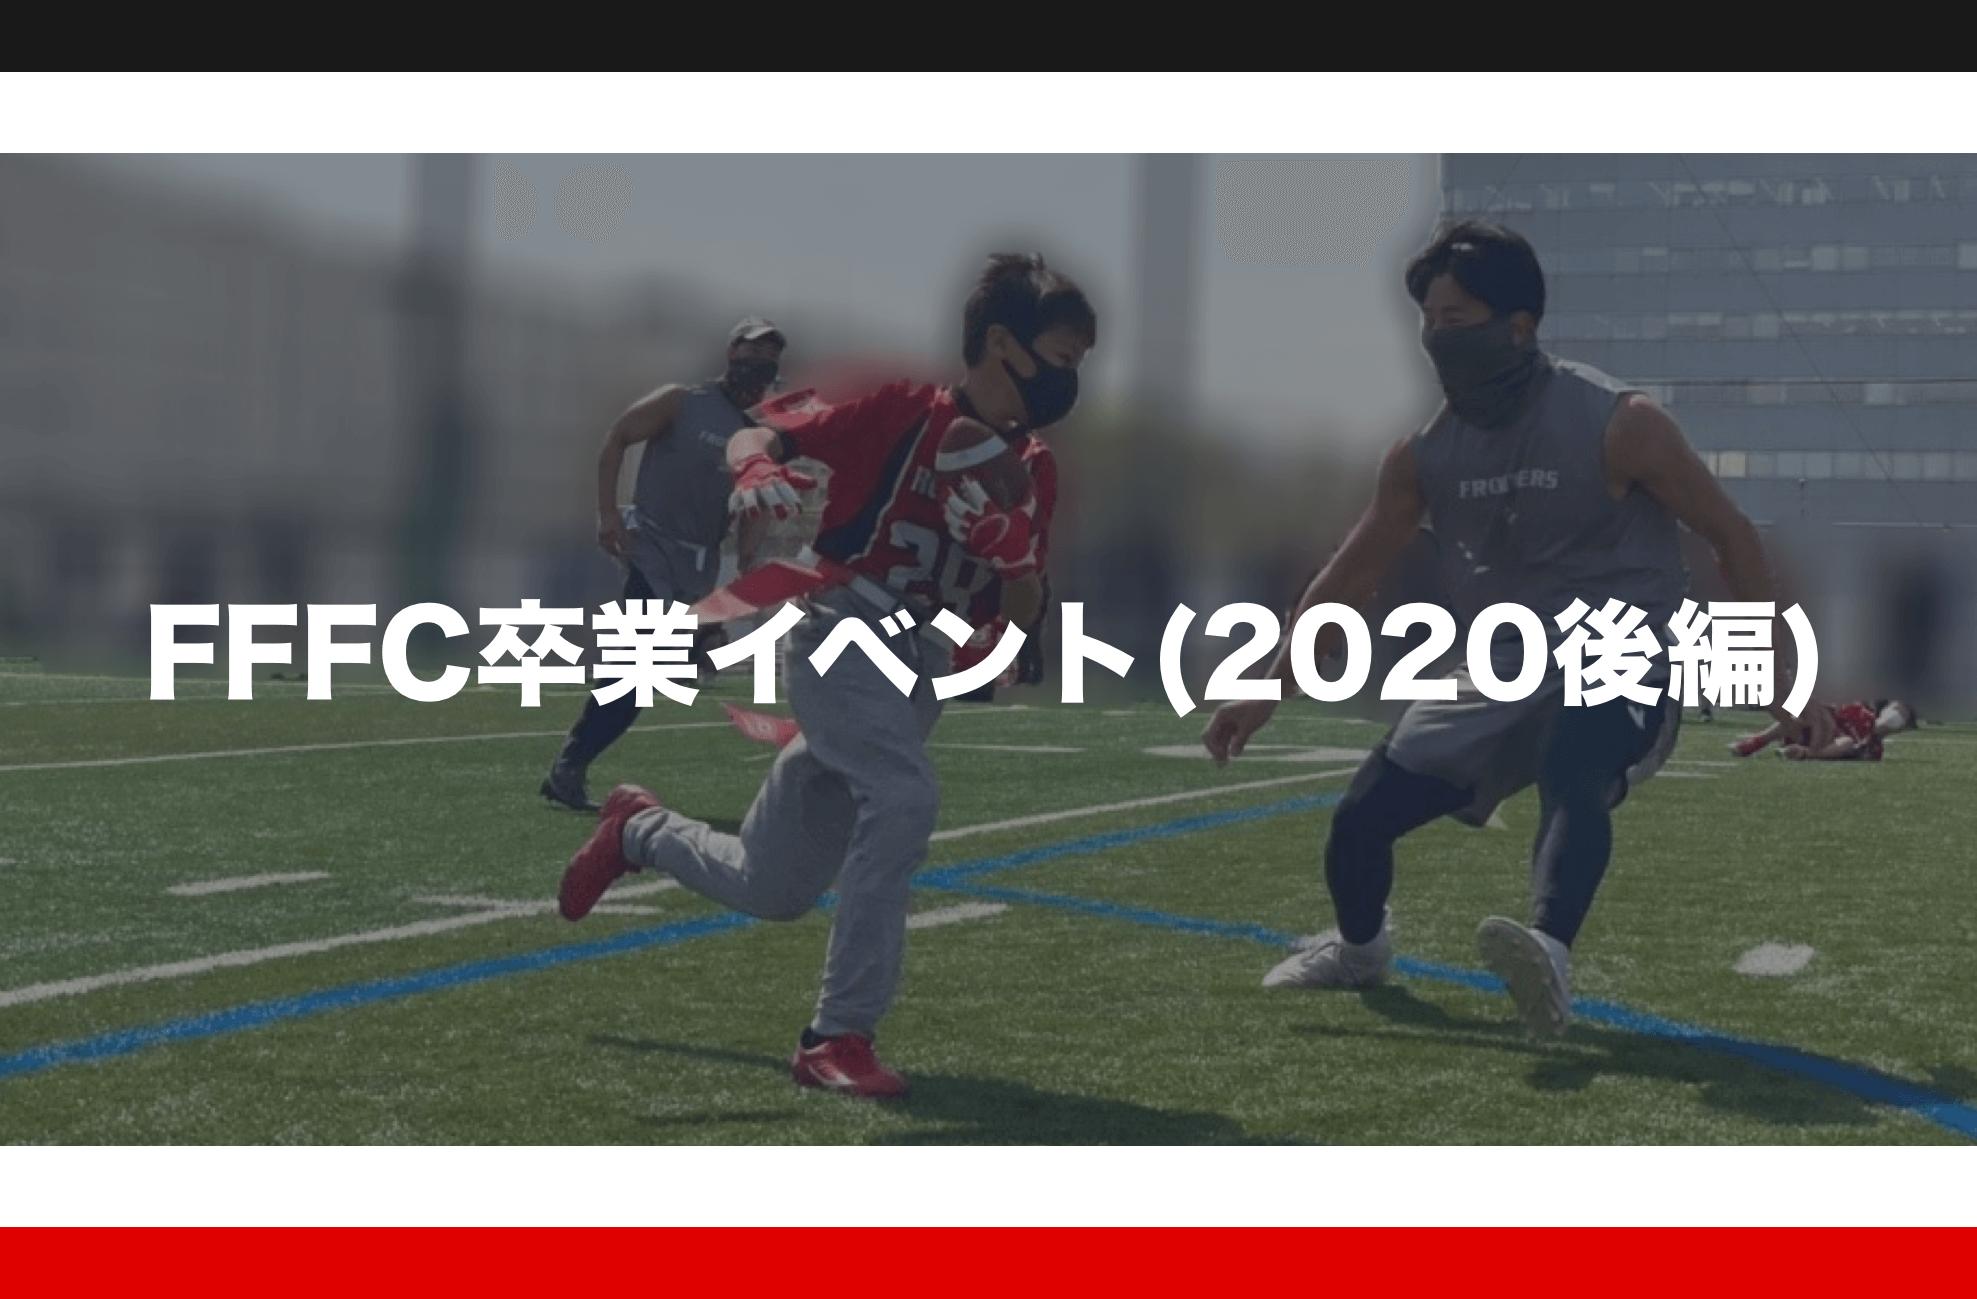 FFFC卒業イベント(2020後編)